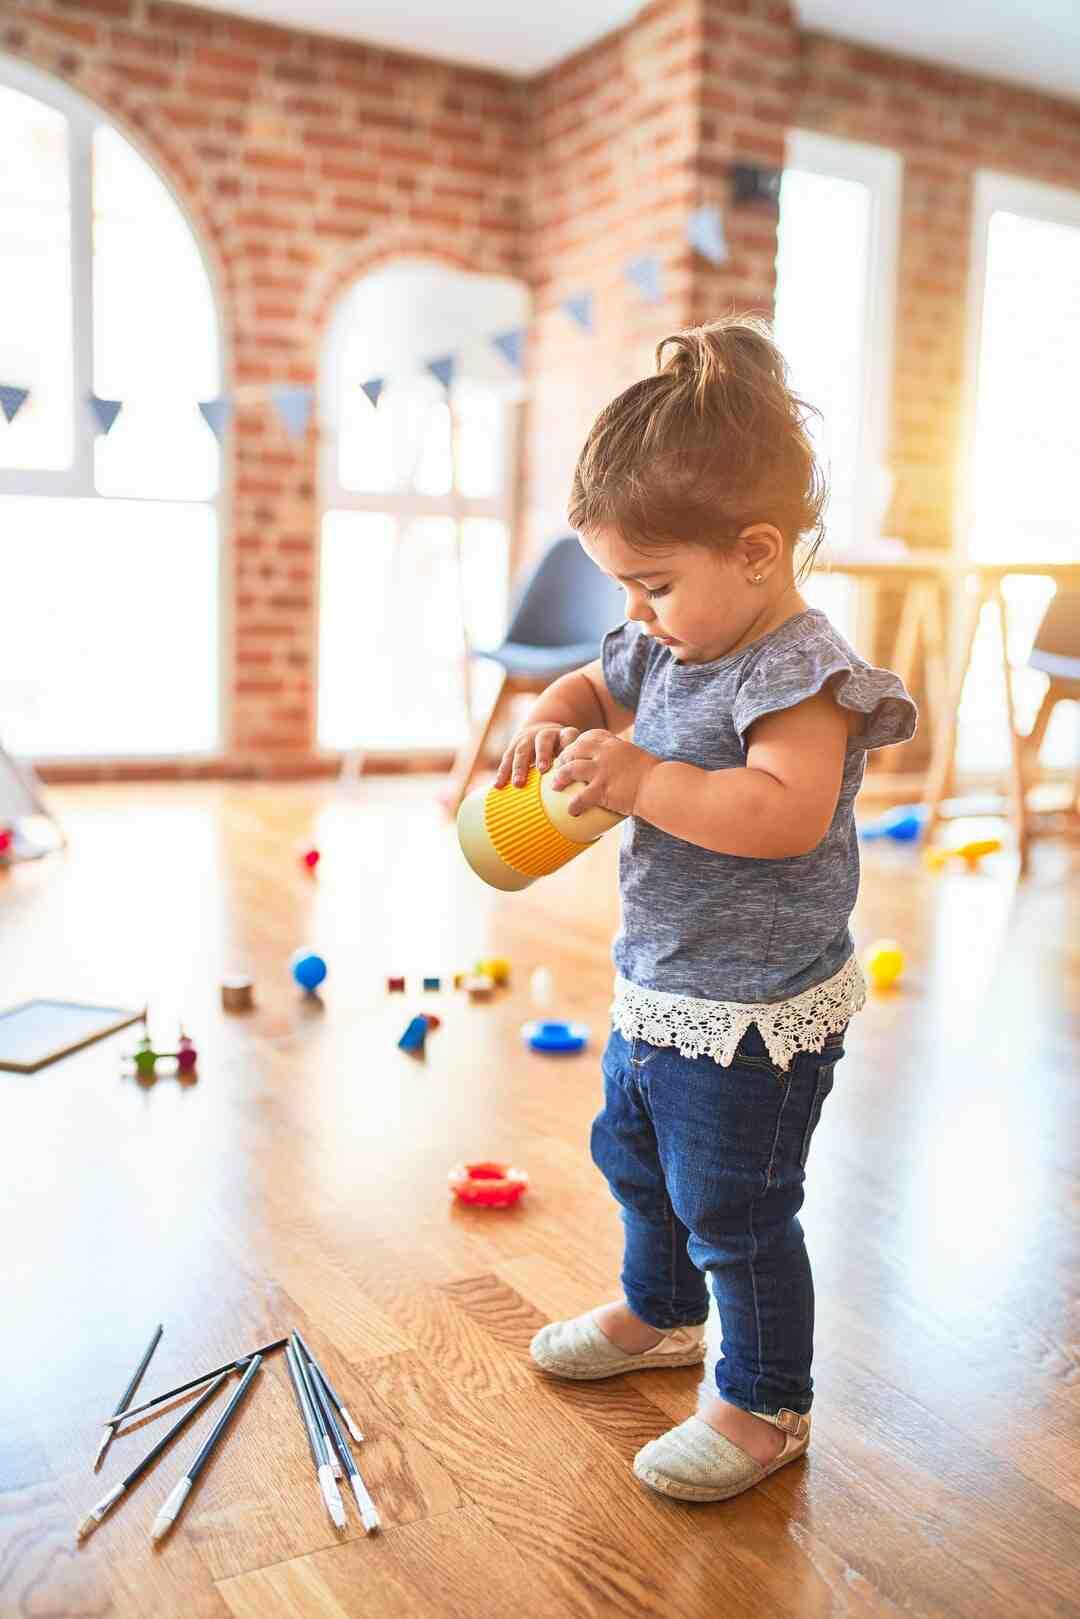 Comment se faire connaître pour faire du Baby-sitting ?